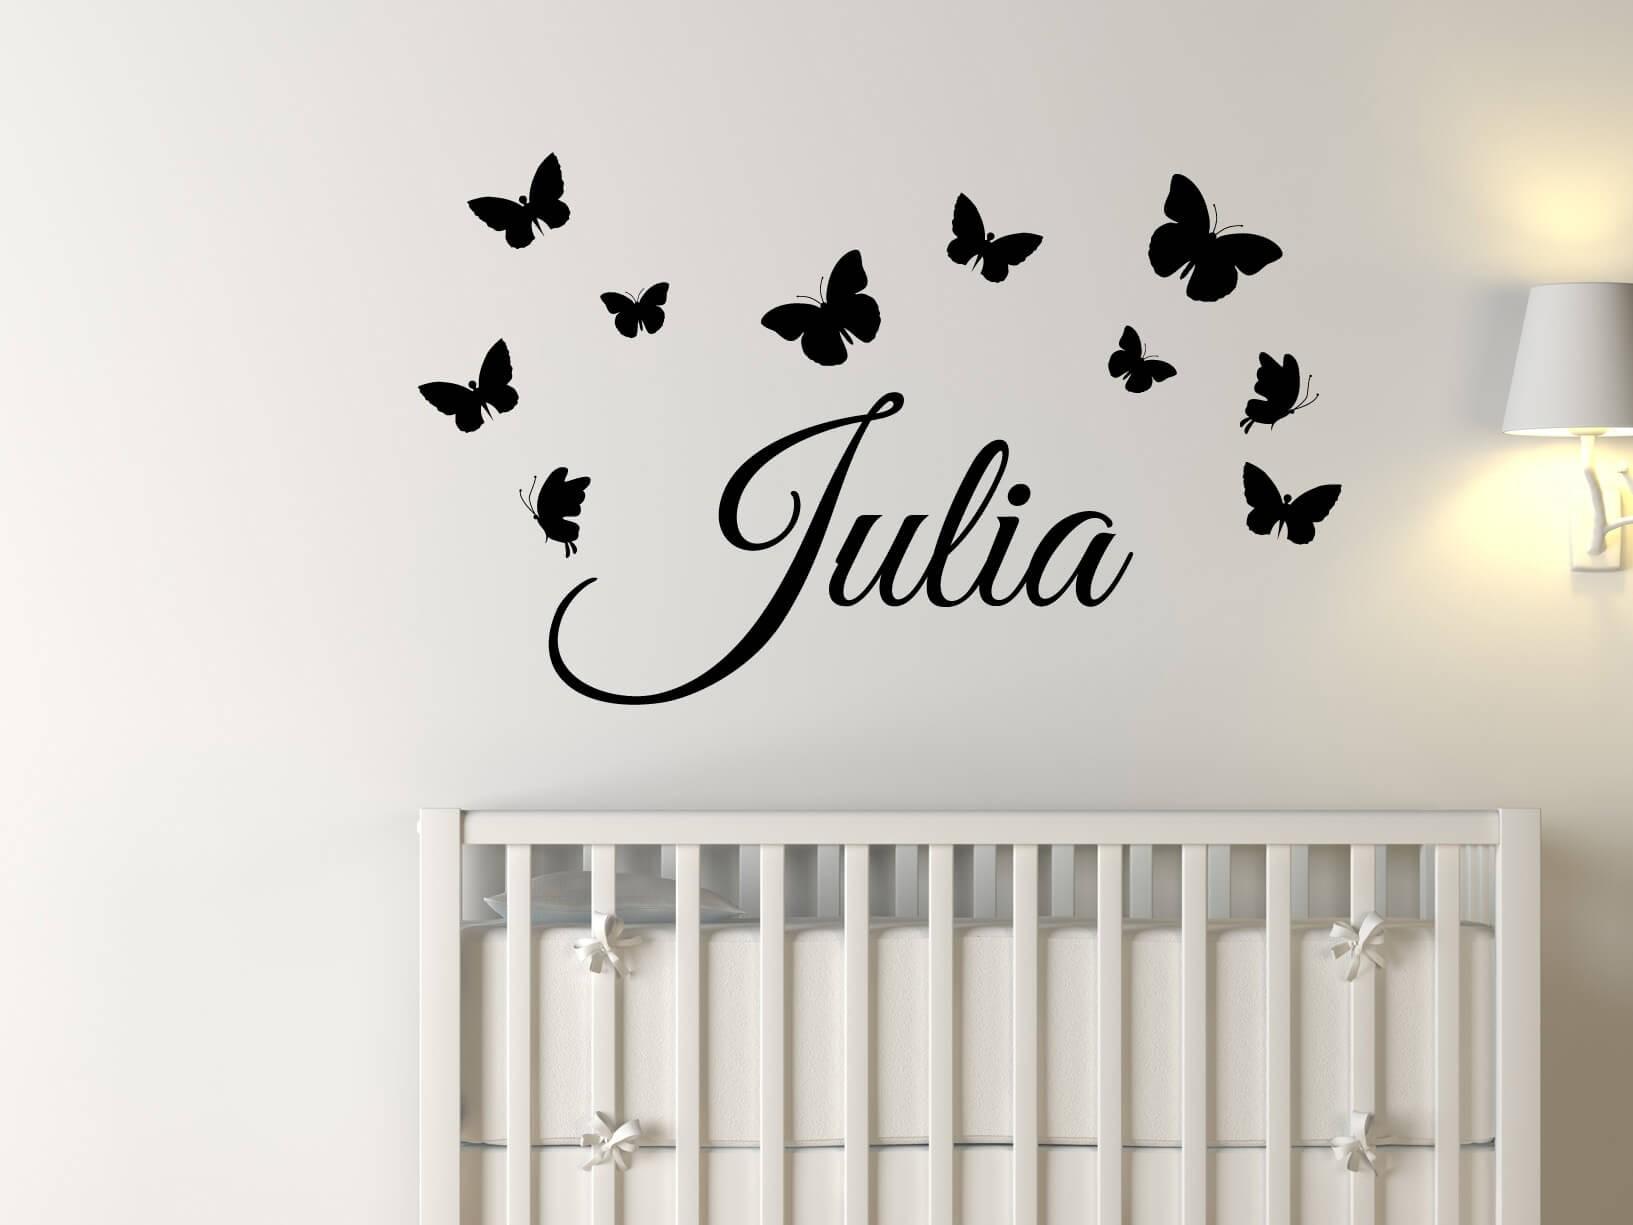 Muursticker eigen naam met vlinders  Kinderkamer muurstickers